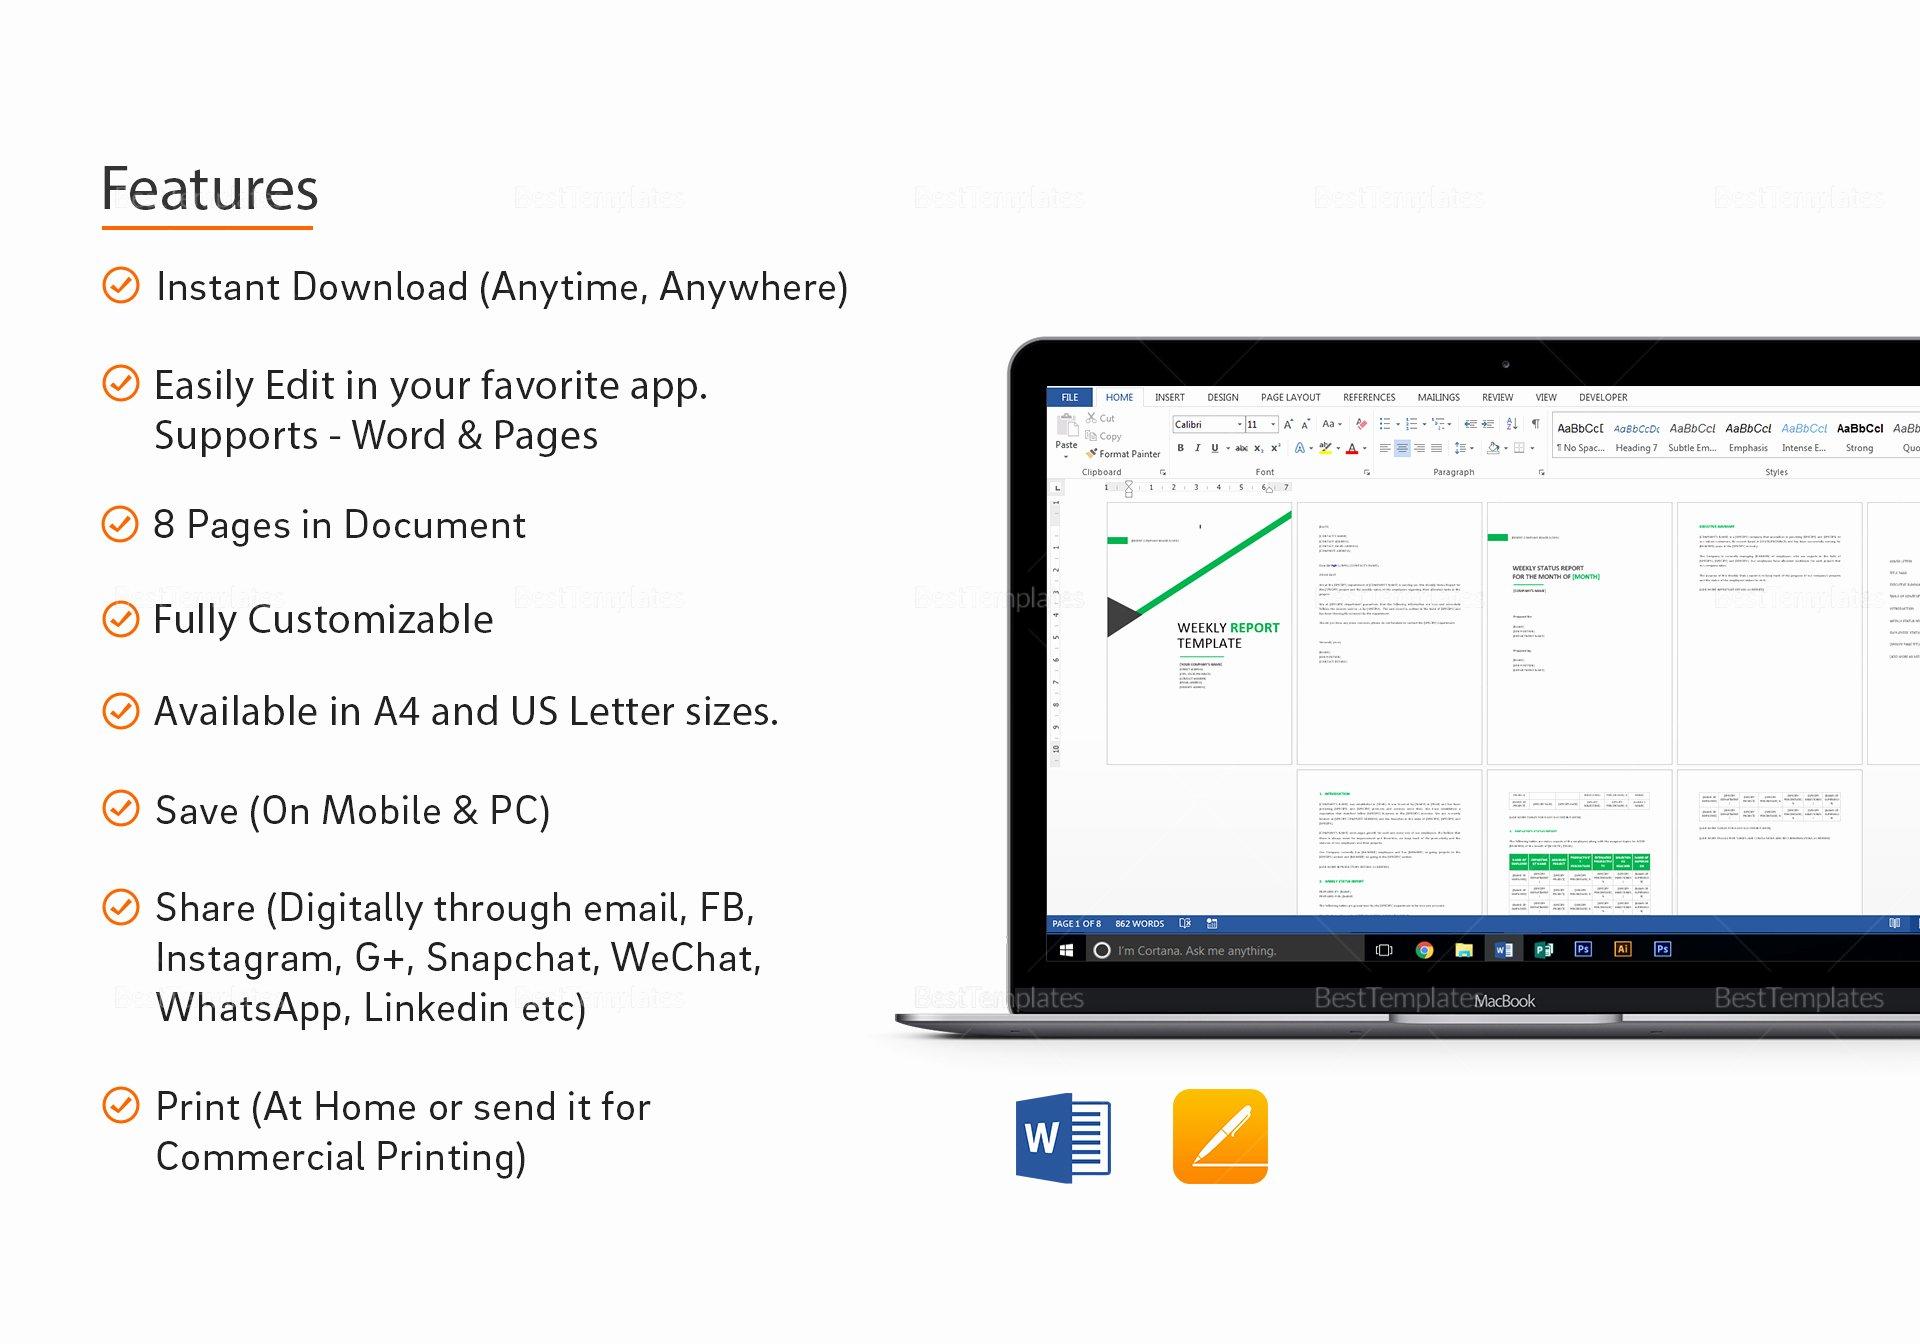 Weekly Status Report Template Word Best Of Weekly Status Report Template In Word Google Docs Apple